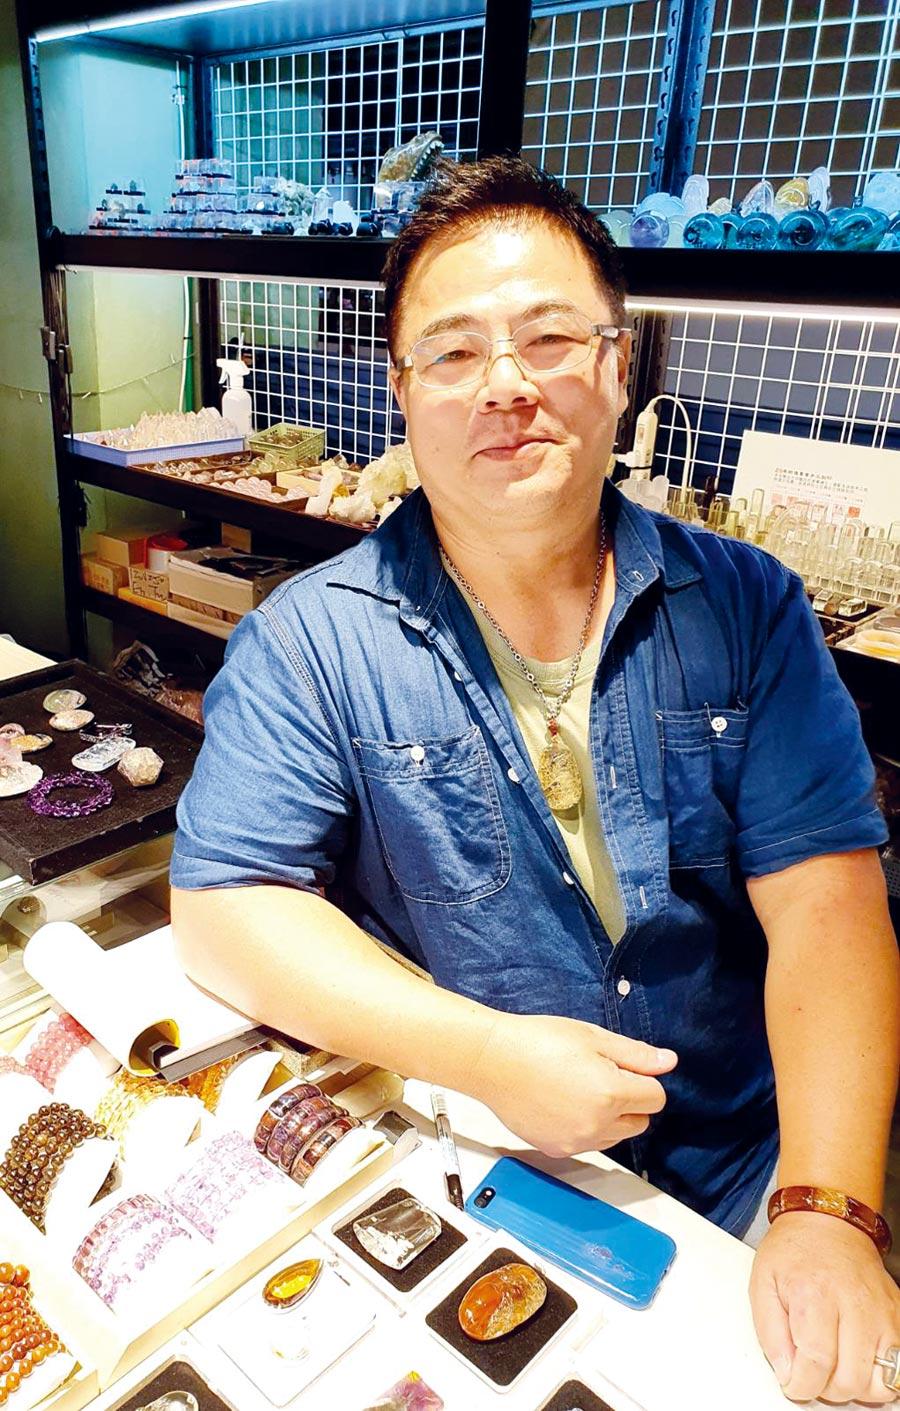 「河馬晶殿」、「河馬的家」店長林茂陽的珠寶鑑定功夫獨到,業界首選。圖/業者提供